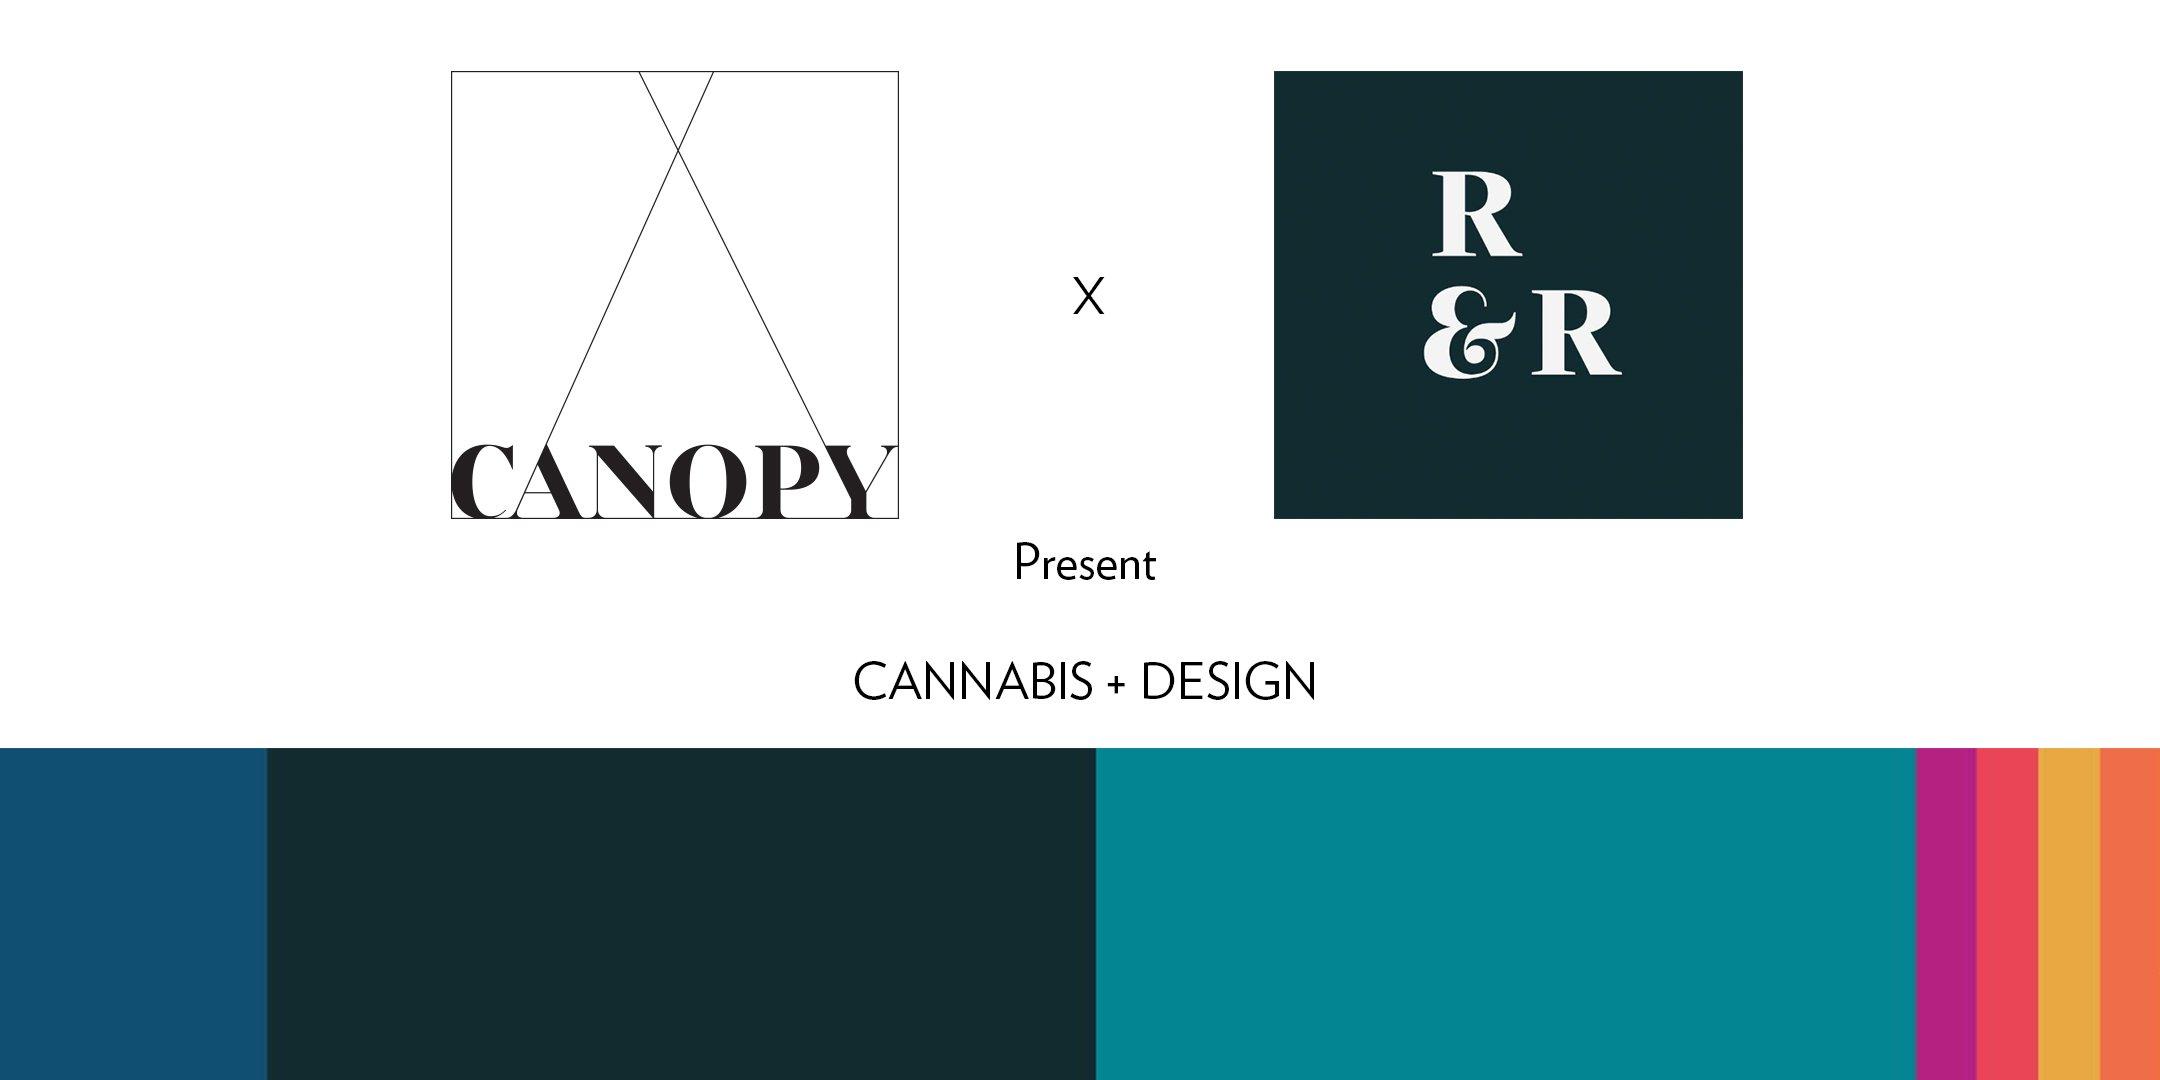 Cannabis + Design